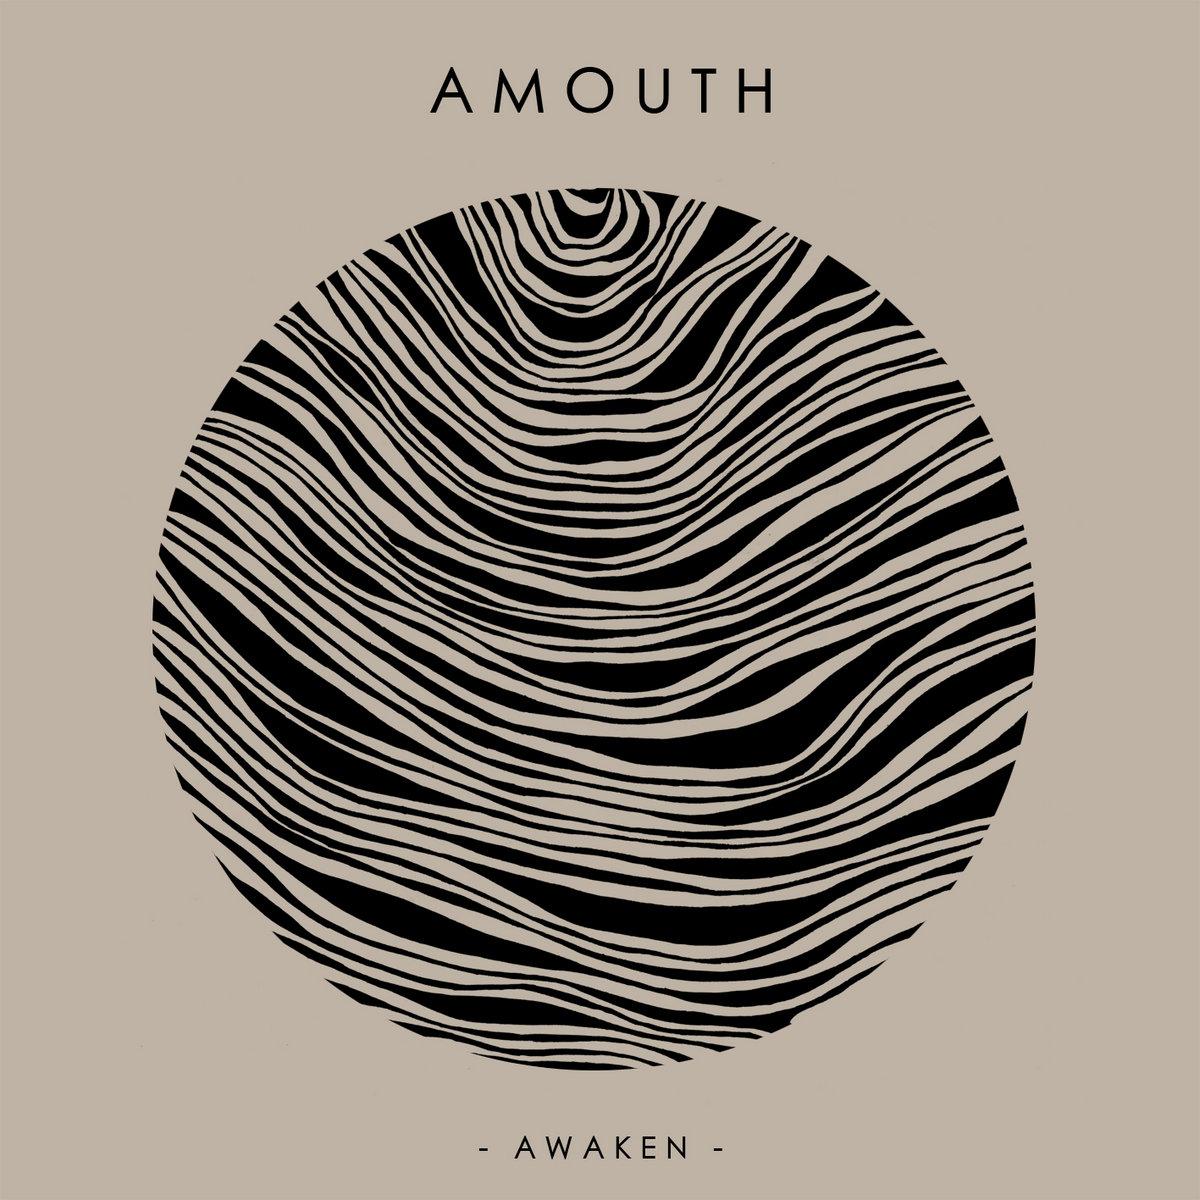 Amouth - Awaken artwork